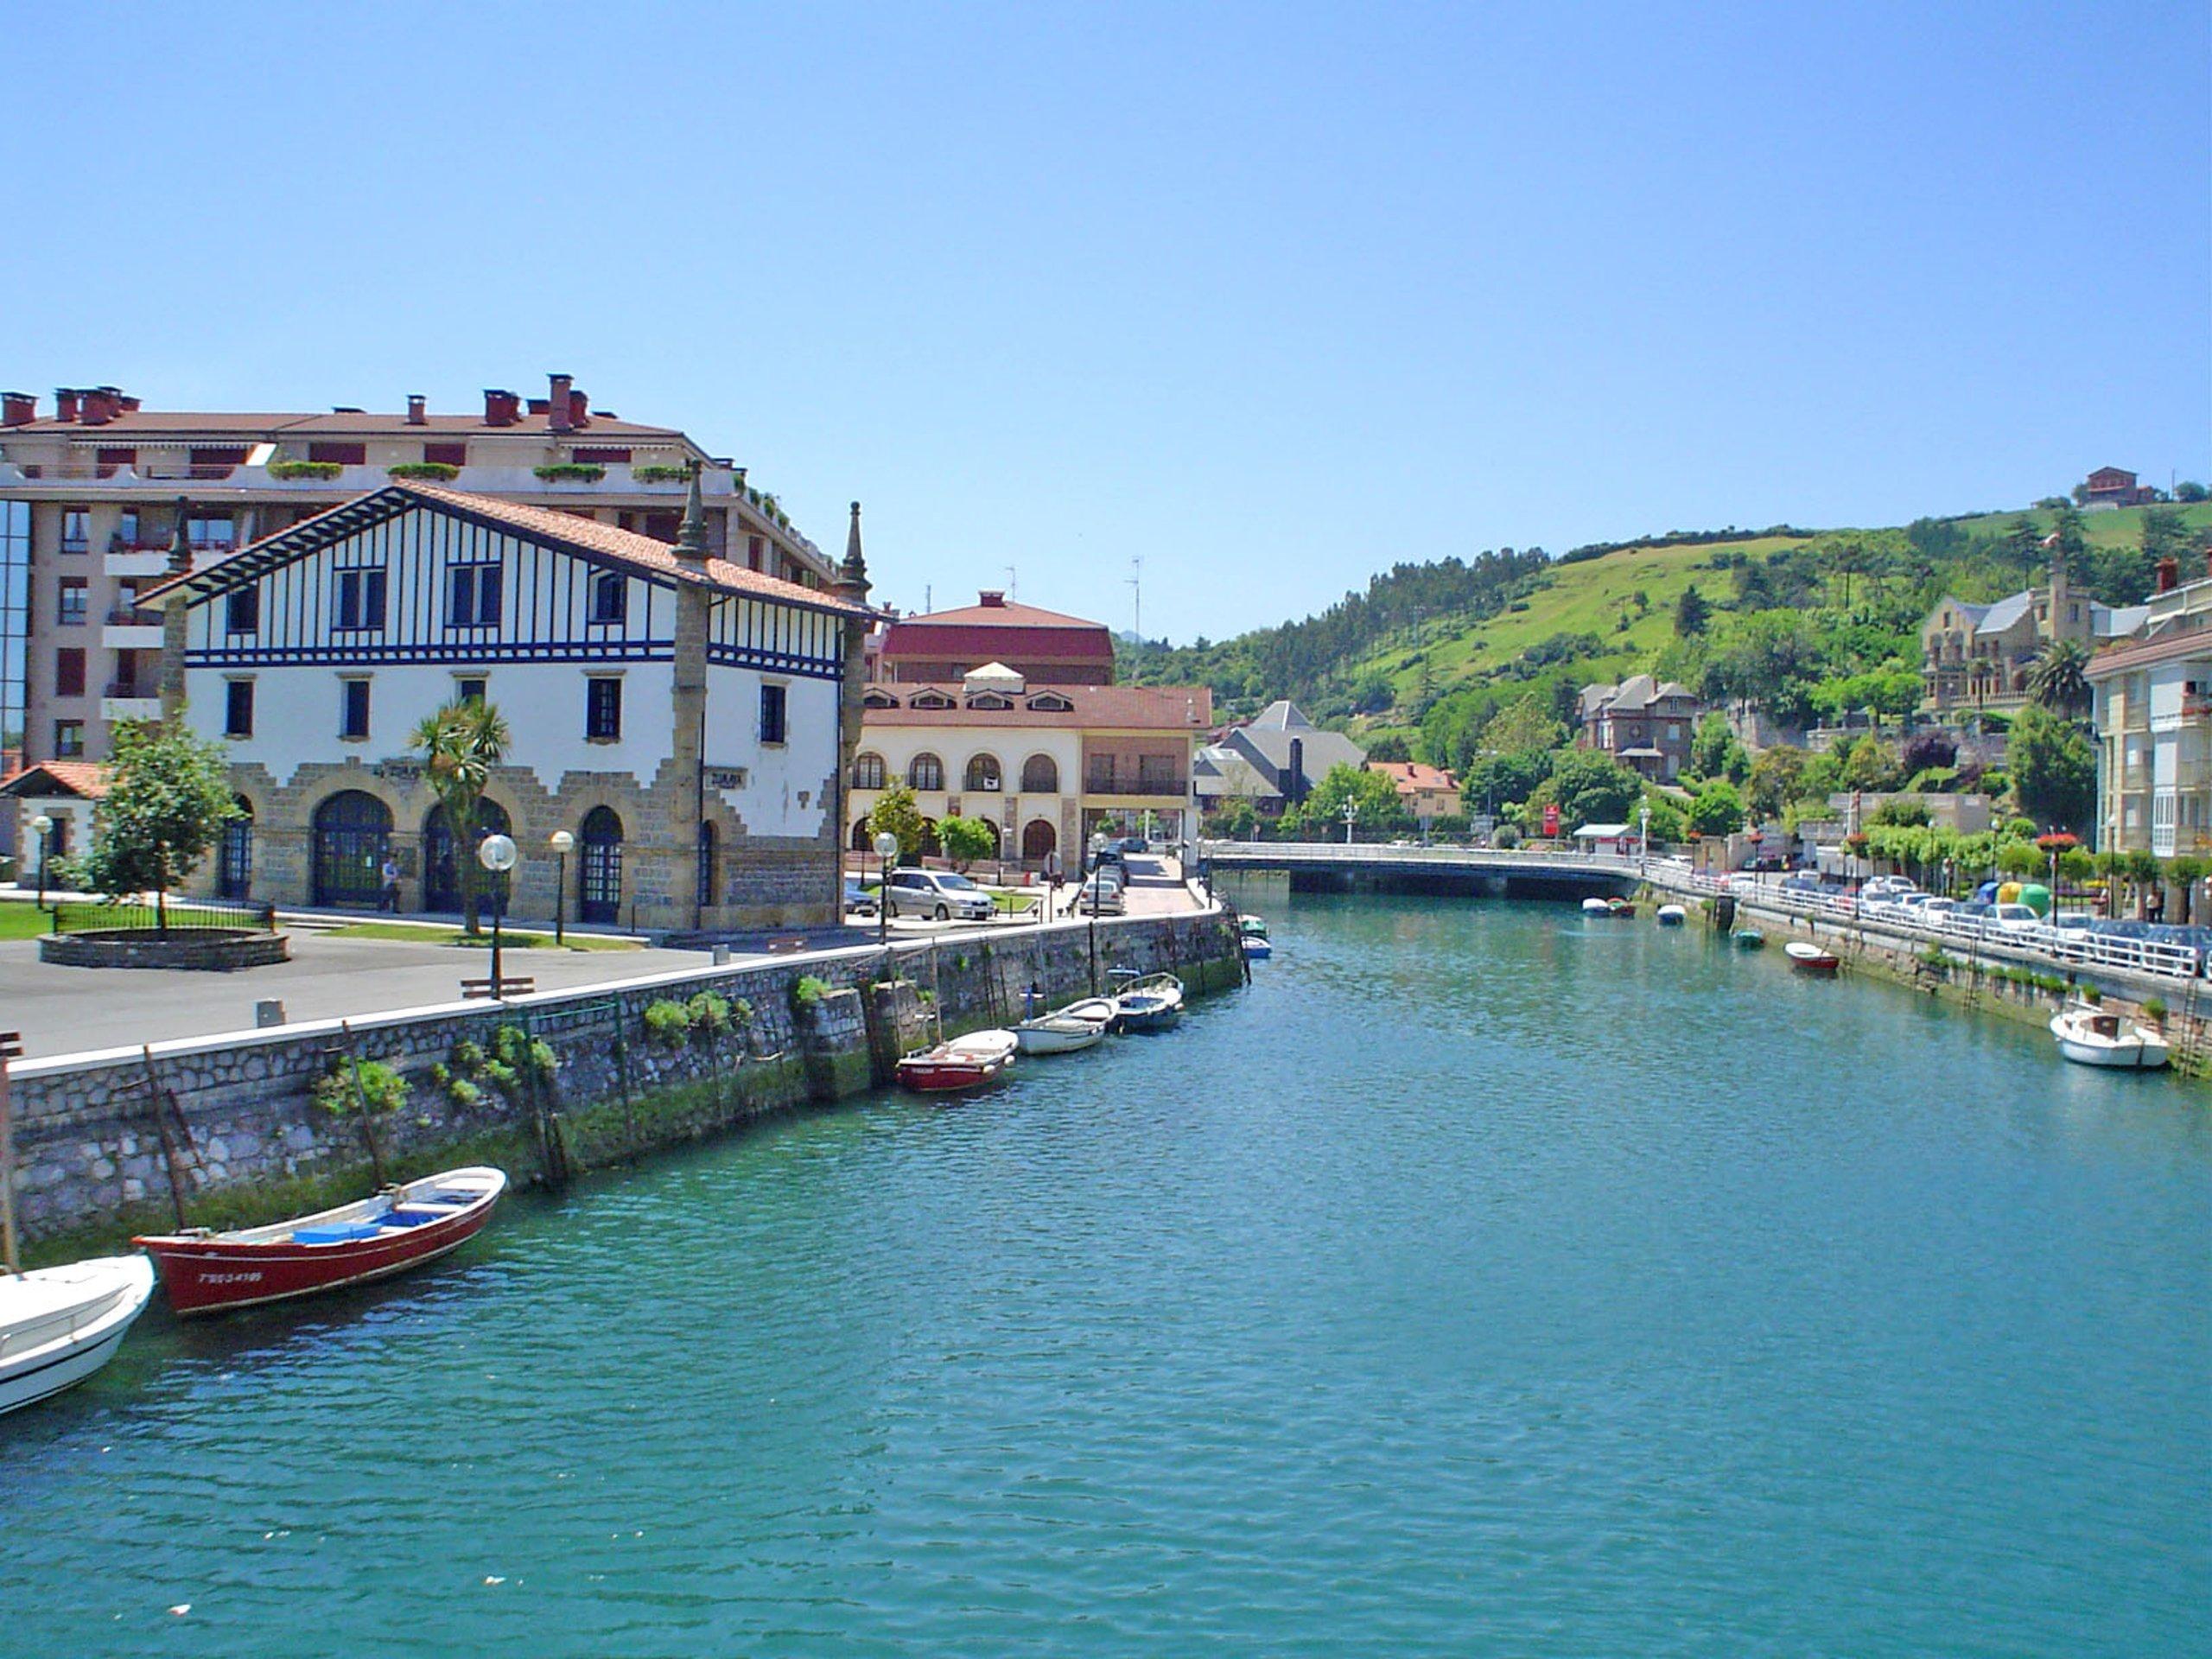 Baskimaa Matkailu 2020 Nae Ja Koe Baskimaassa Tripadvisor